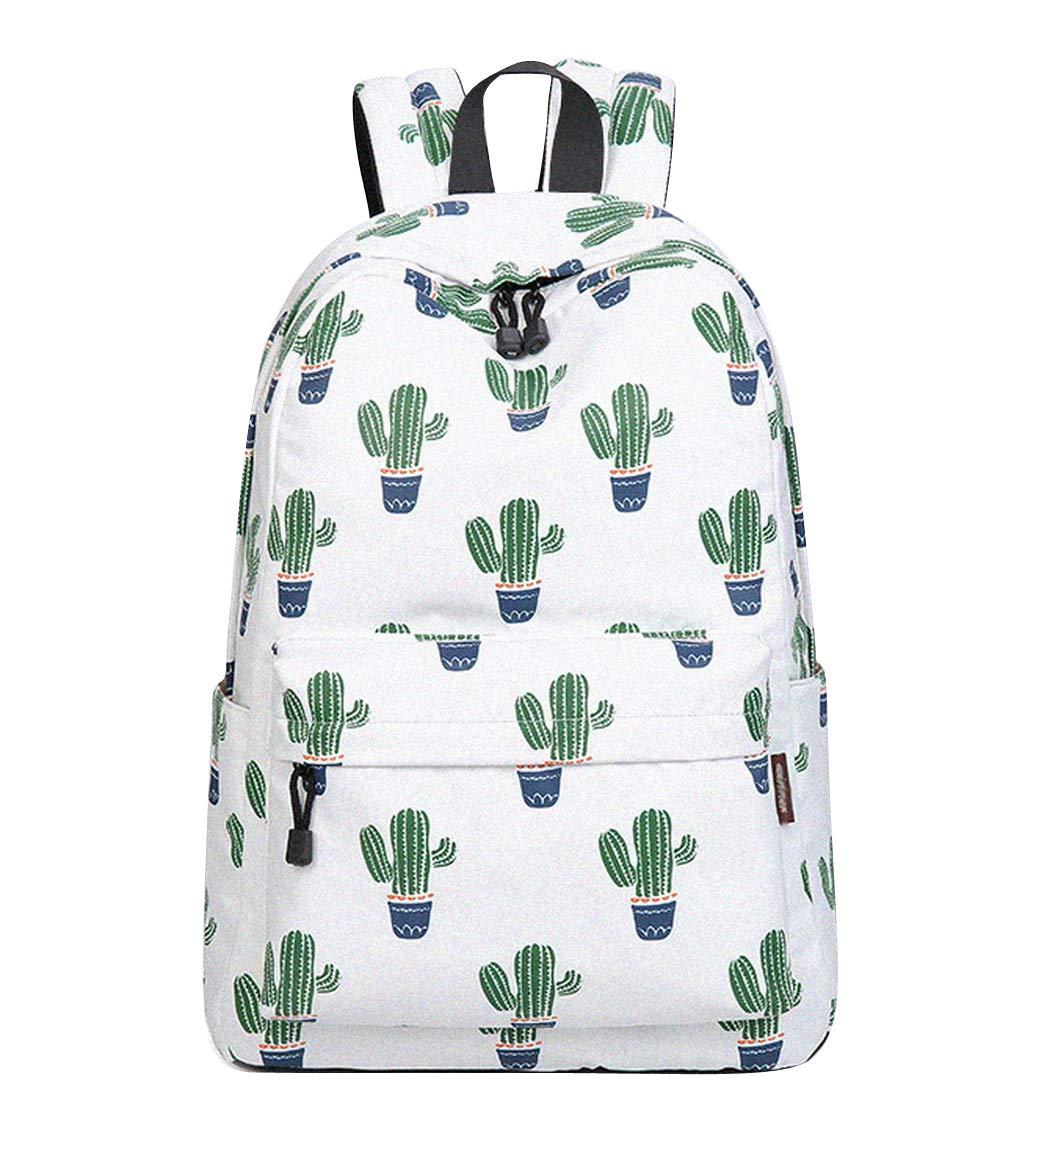 achat Joymoze Sac à dos mignon imperméable pour l'école pour garçons et filles Sac à main léger et chic imprimé Cactus 844 pas cher prix